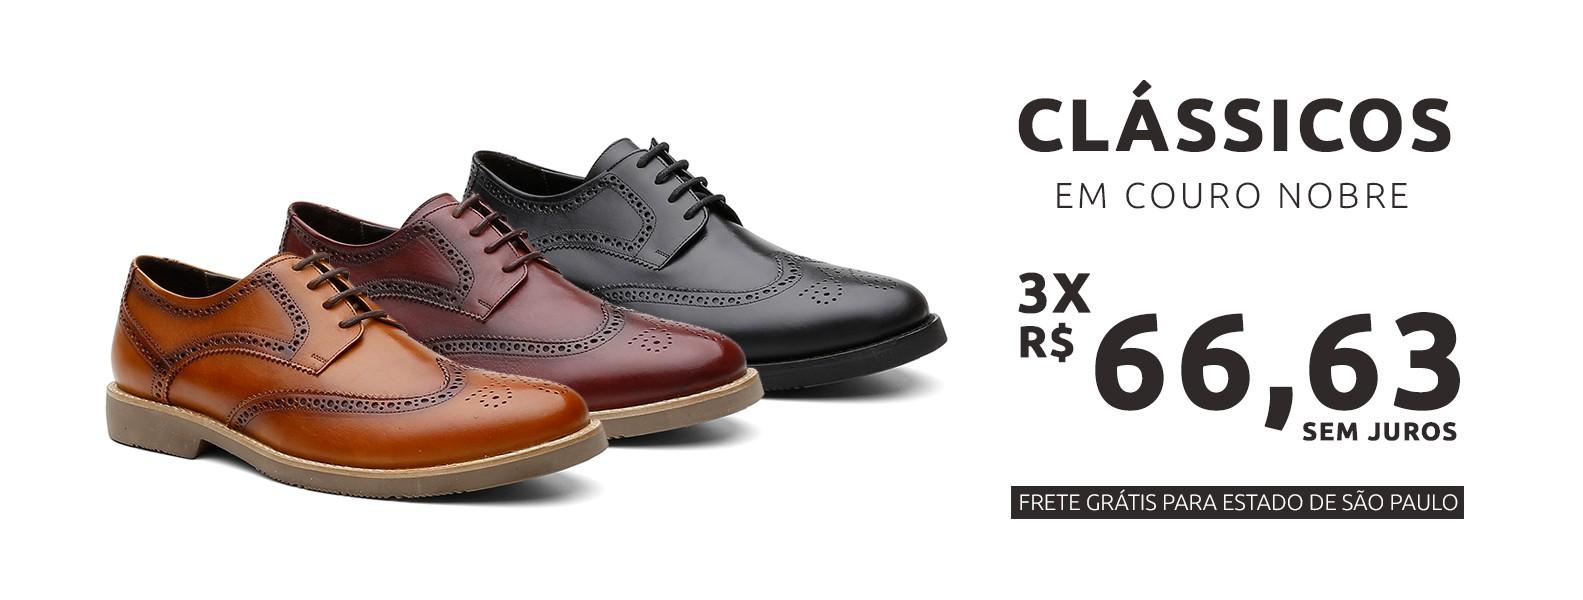 Sapatos Clássicos - Bernatoni Calçados